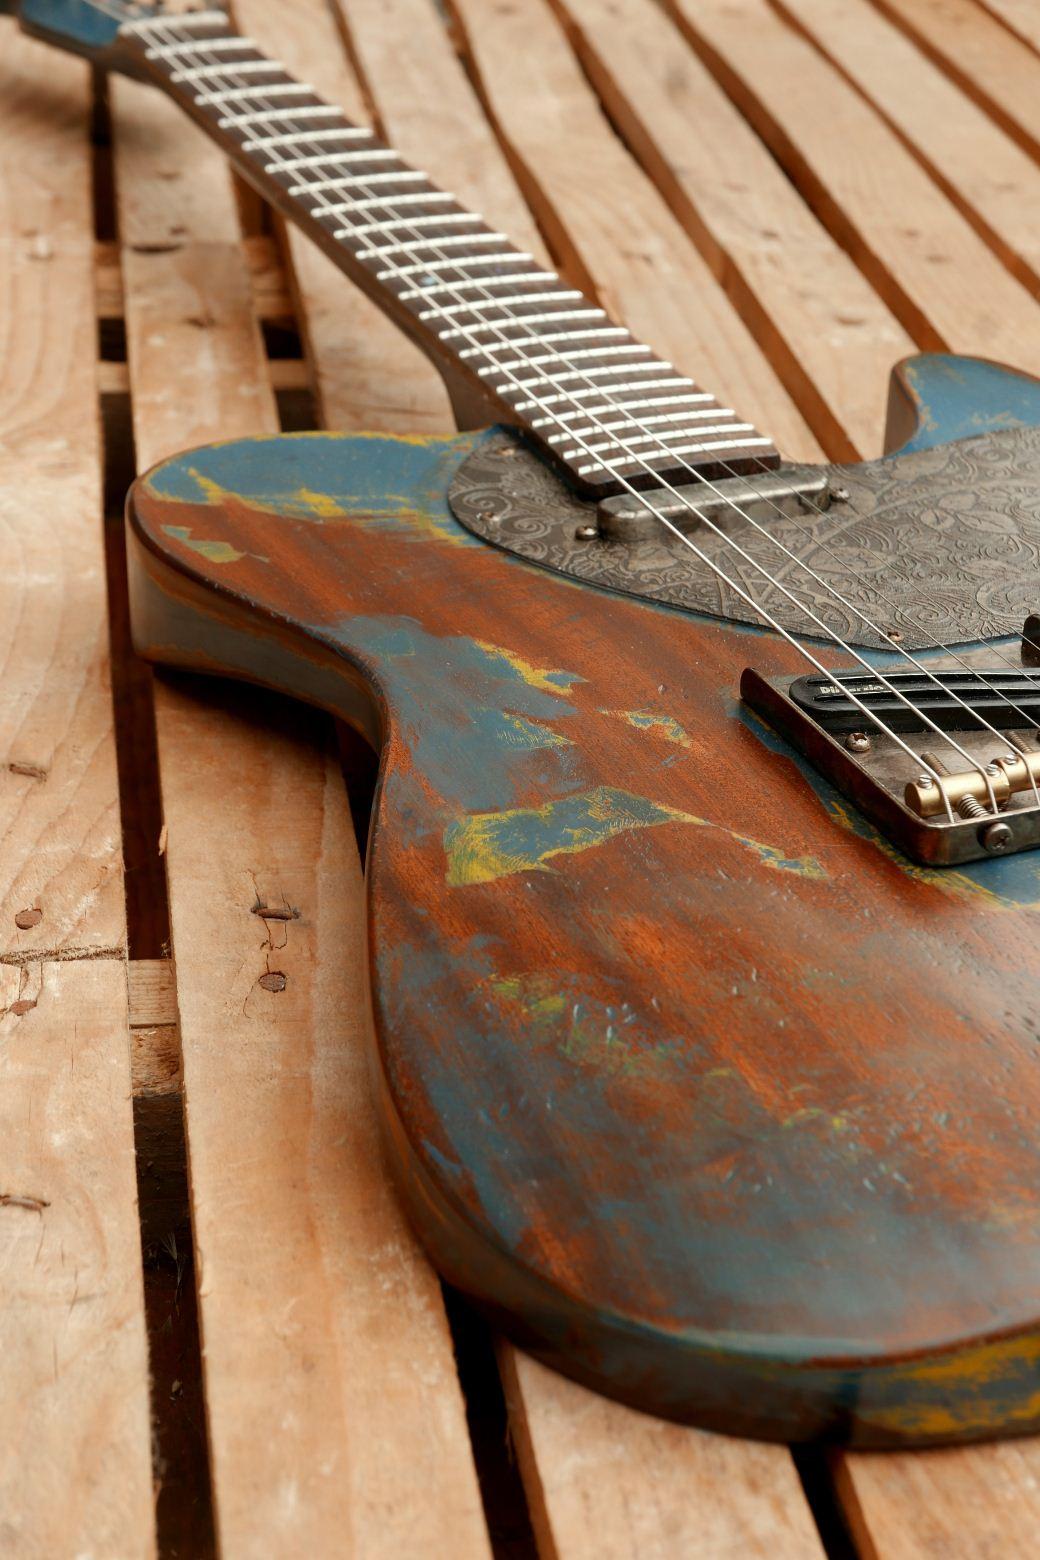 chitarra telecaster in mogano body